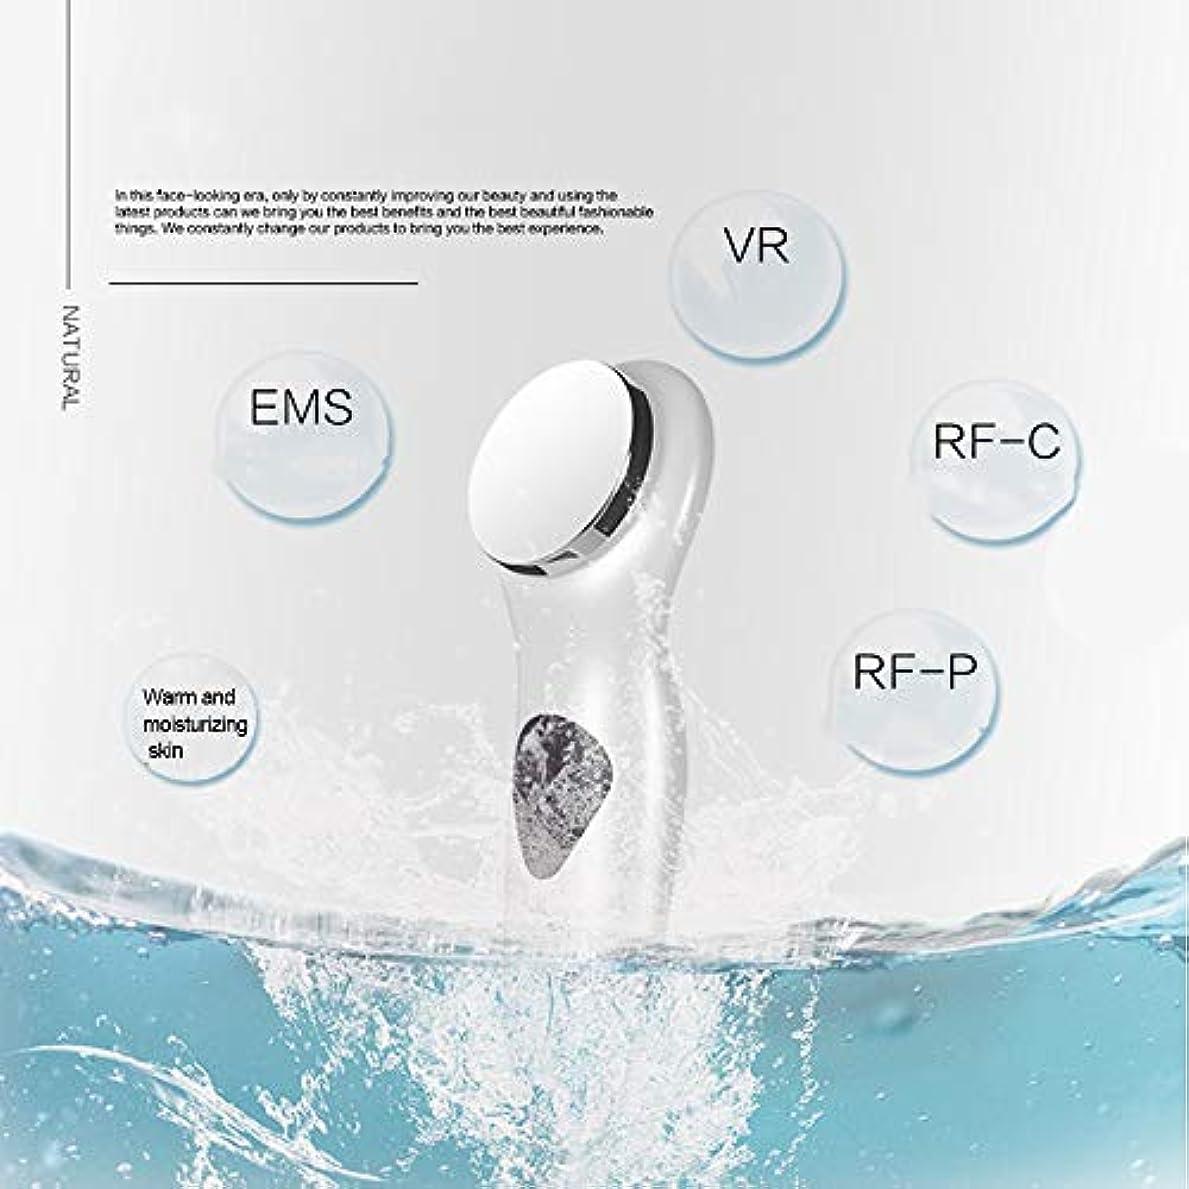 しっかりクランシー一部EMSの顔の調子を整える装置、超音波美の器械、携帯用表面美機械、家の美装置の振動器械、顔のマッサージャー